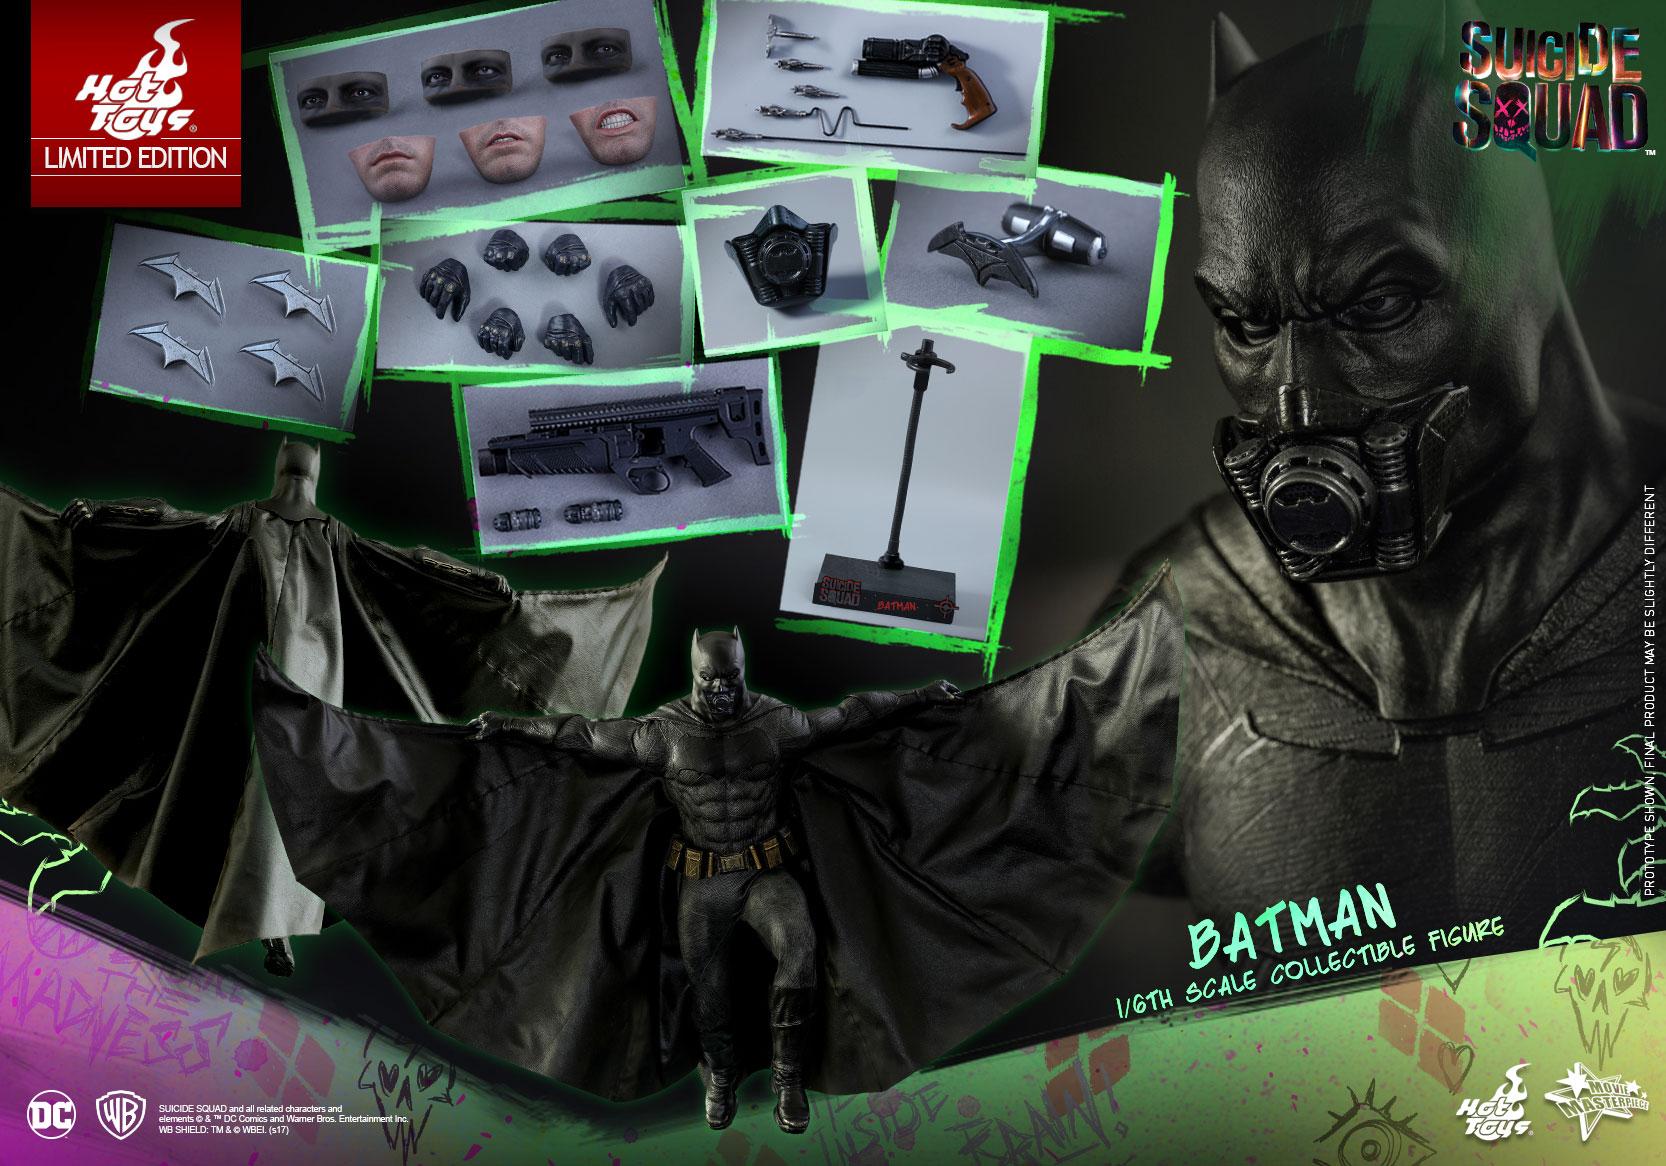 Hot-Toys---Suicide-Squad---Batman-Collectible-Figure_PR23